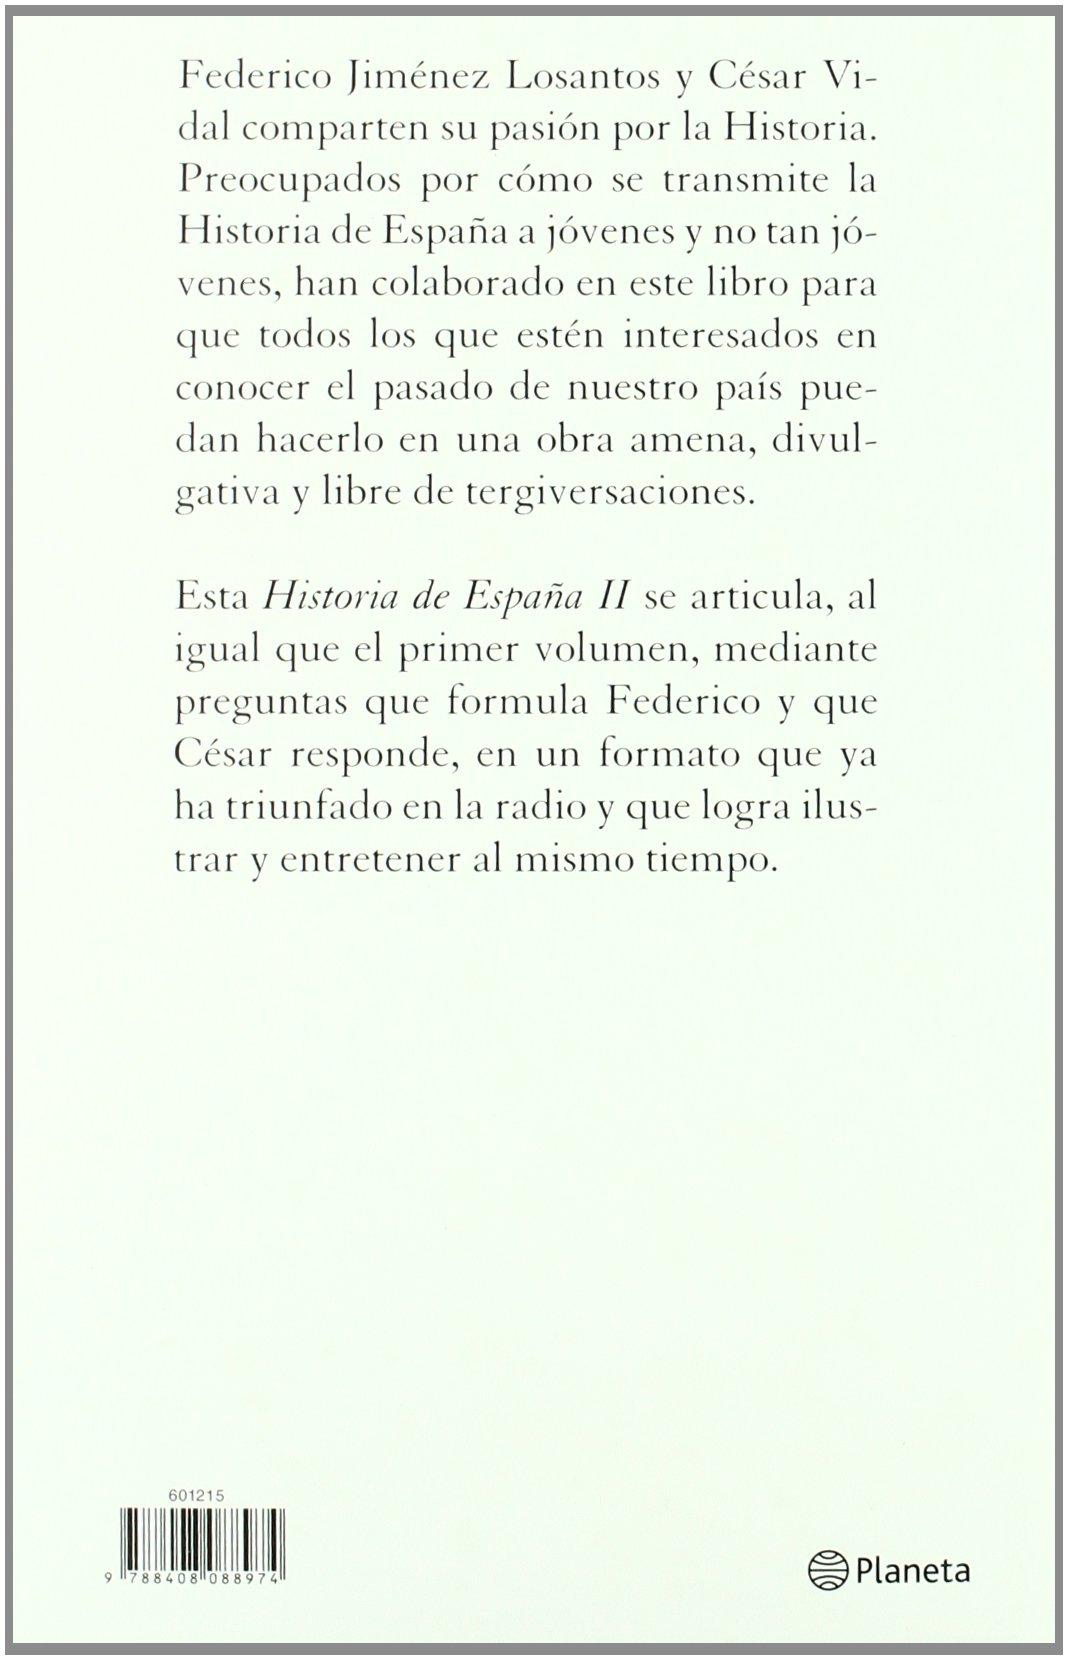 Historia de España II ((Fuera de colección)): Amazon.es: Vidal, César, Jiménez Losantos, Federico: Libros